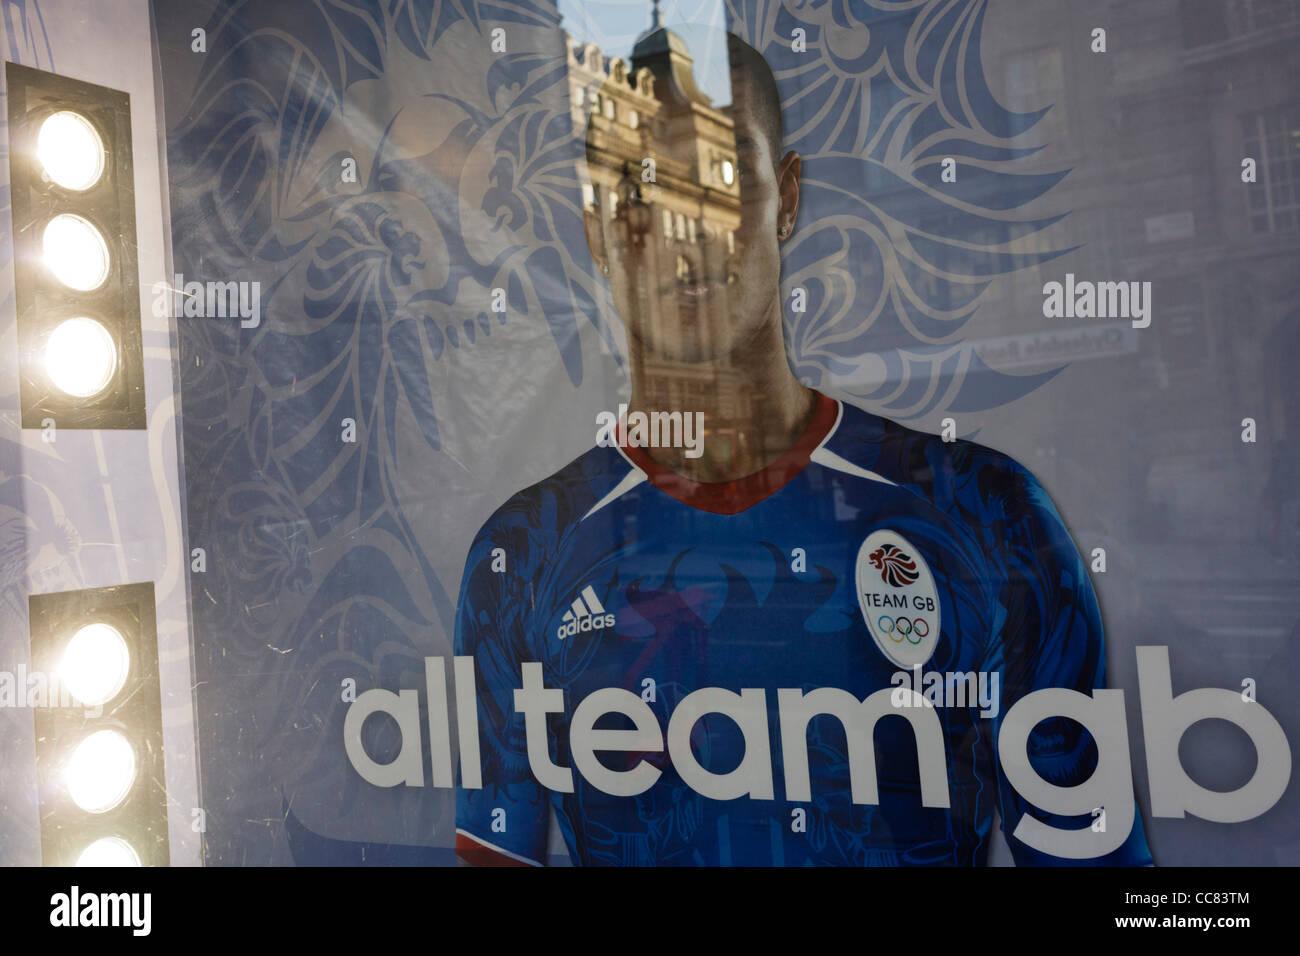 Ein unbekannter Athlet in Lillywhites Fenster mit Bezug auf Team GB Sponsor Adidas, dessen Logo auf der Mann Hemd Stockbild